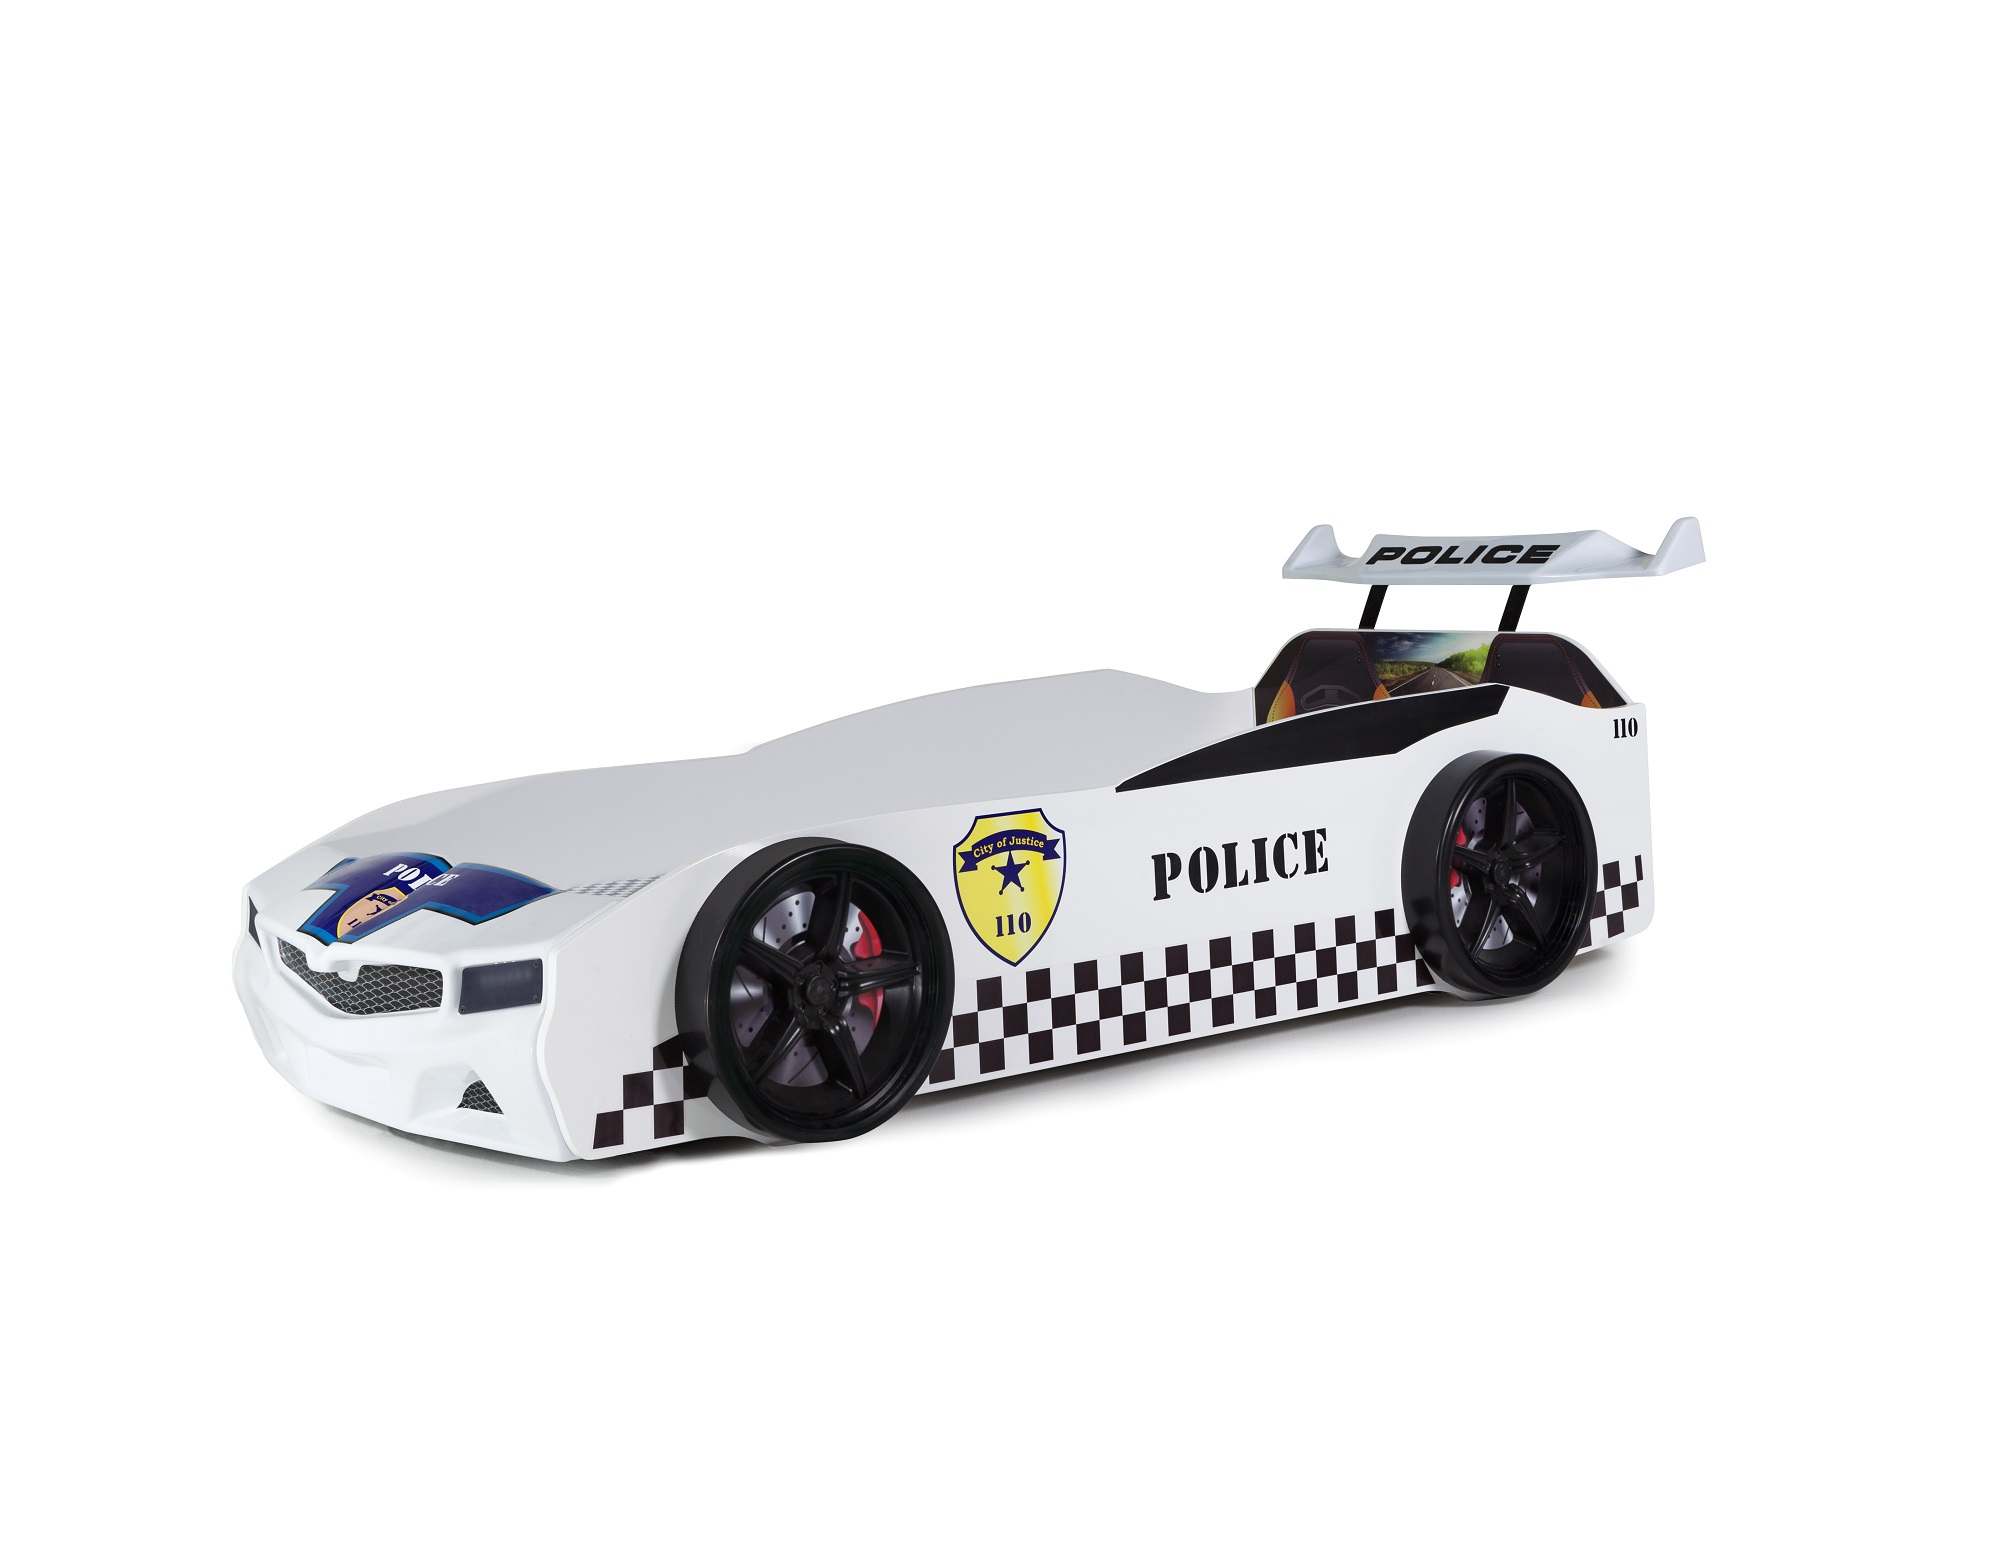 Kinder Autobett Bumer Spx Weiß Mit Led Scheinwerfer K Ak74977